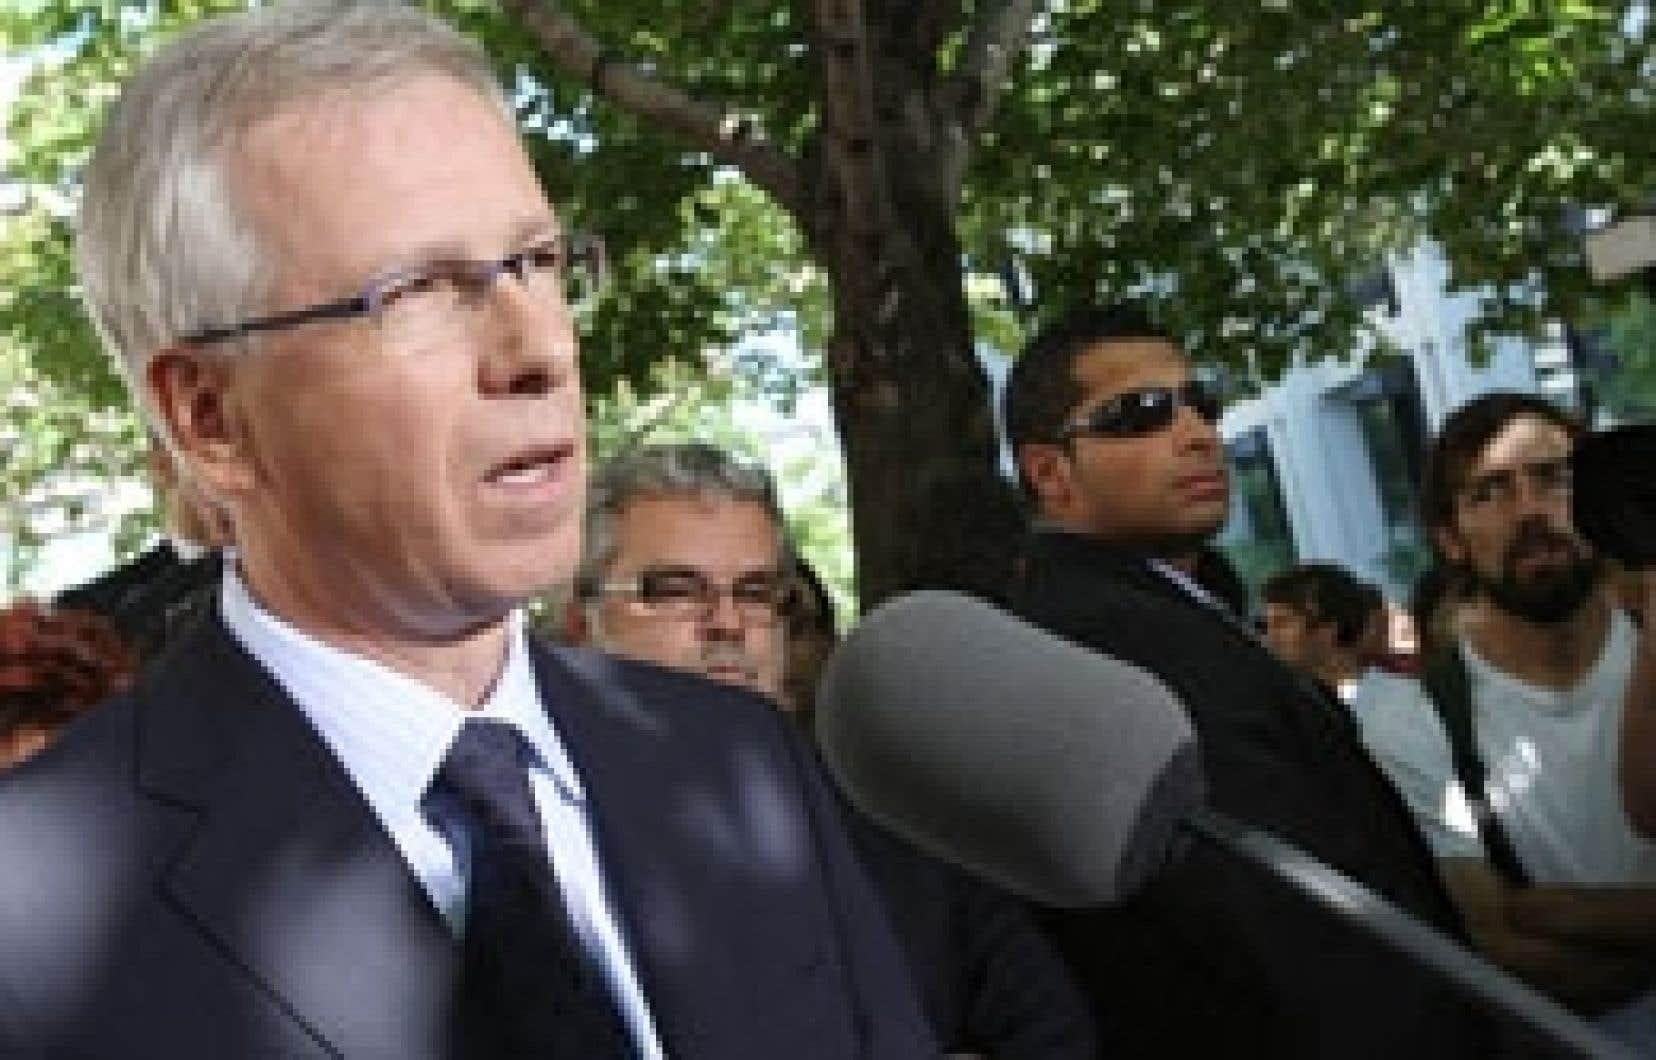 Le chef  libéral  Stéphane Dion en conférence de presse devant le collège Dawson, hier à Montréal, où il a annoncé son intention de rétablir le registre des armes à feu rendu inopérant par le gouvernement Harper depuis 2006.